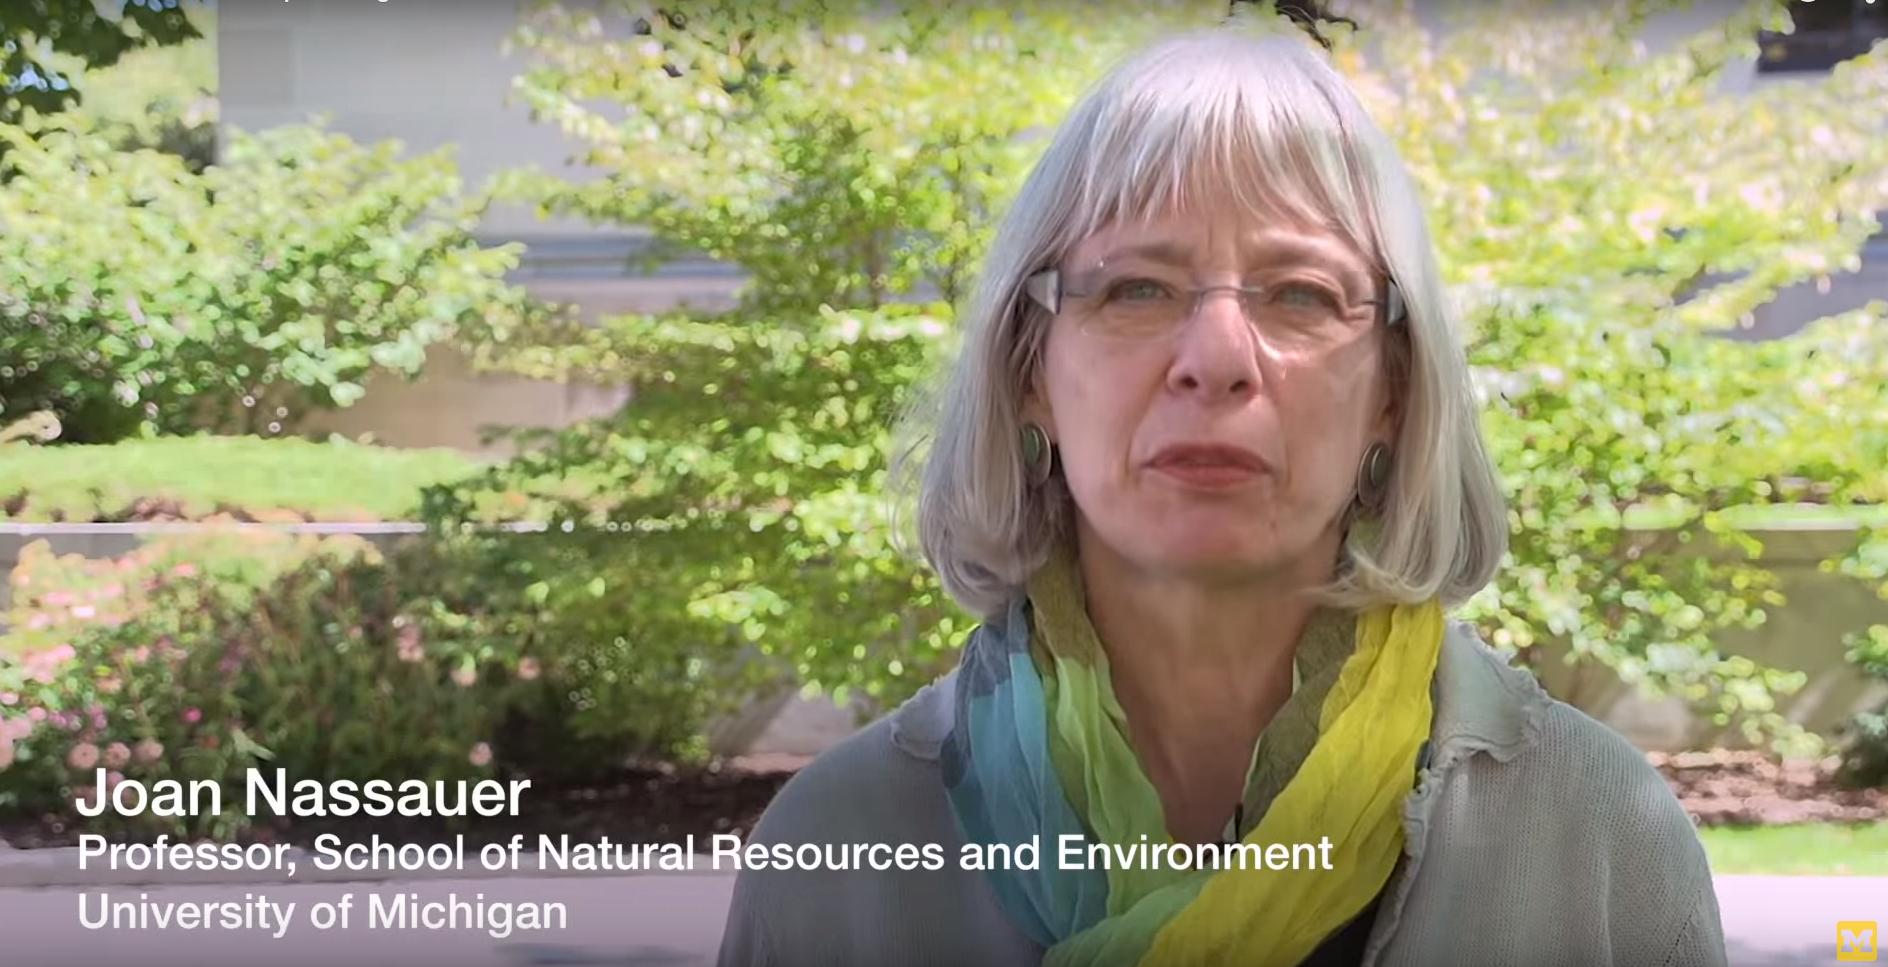 Listen to Professor Nassauer speak about bioretention gardens in Detroit